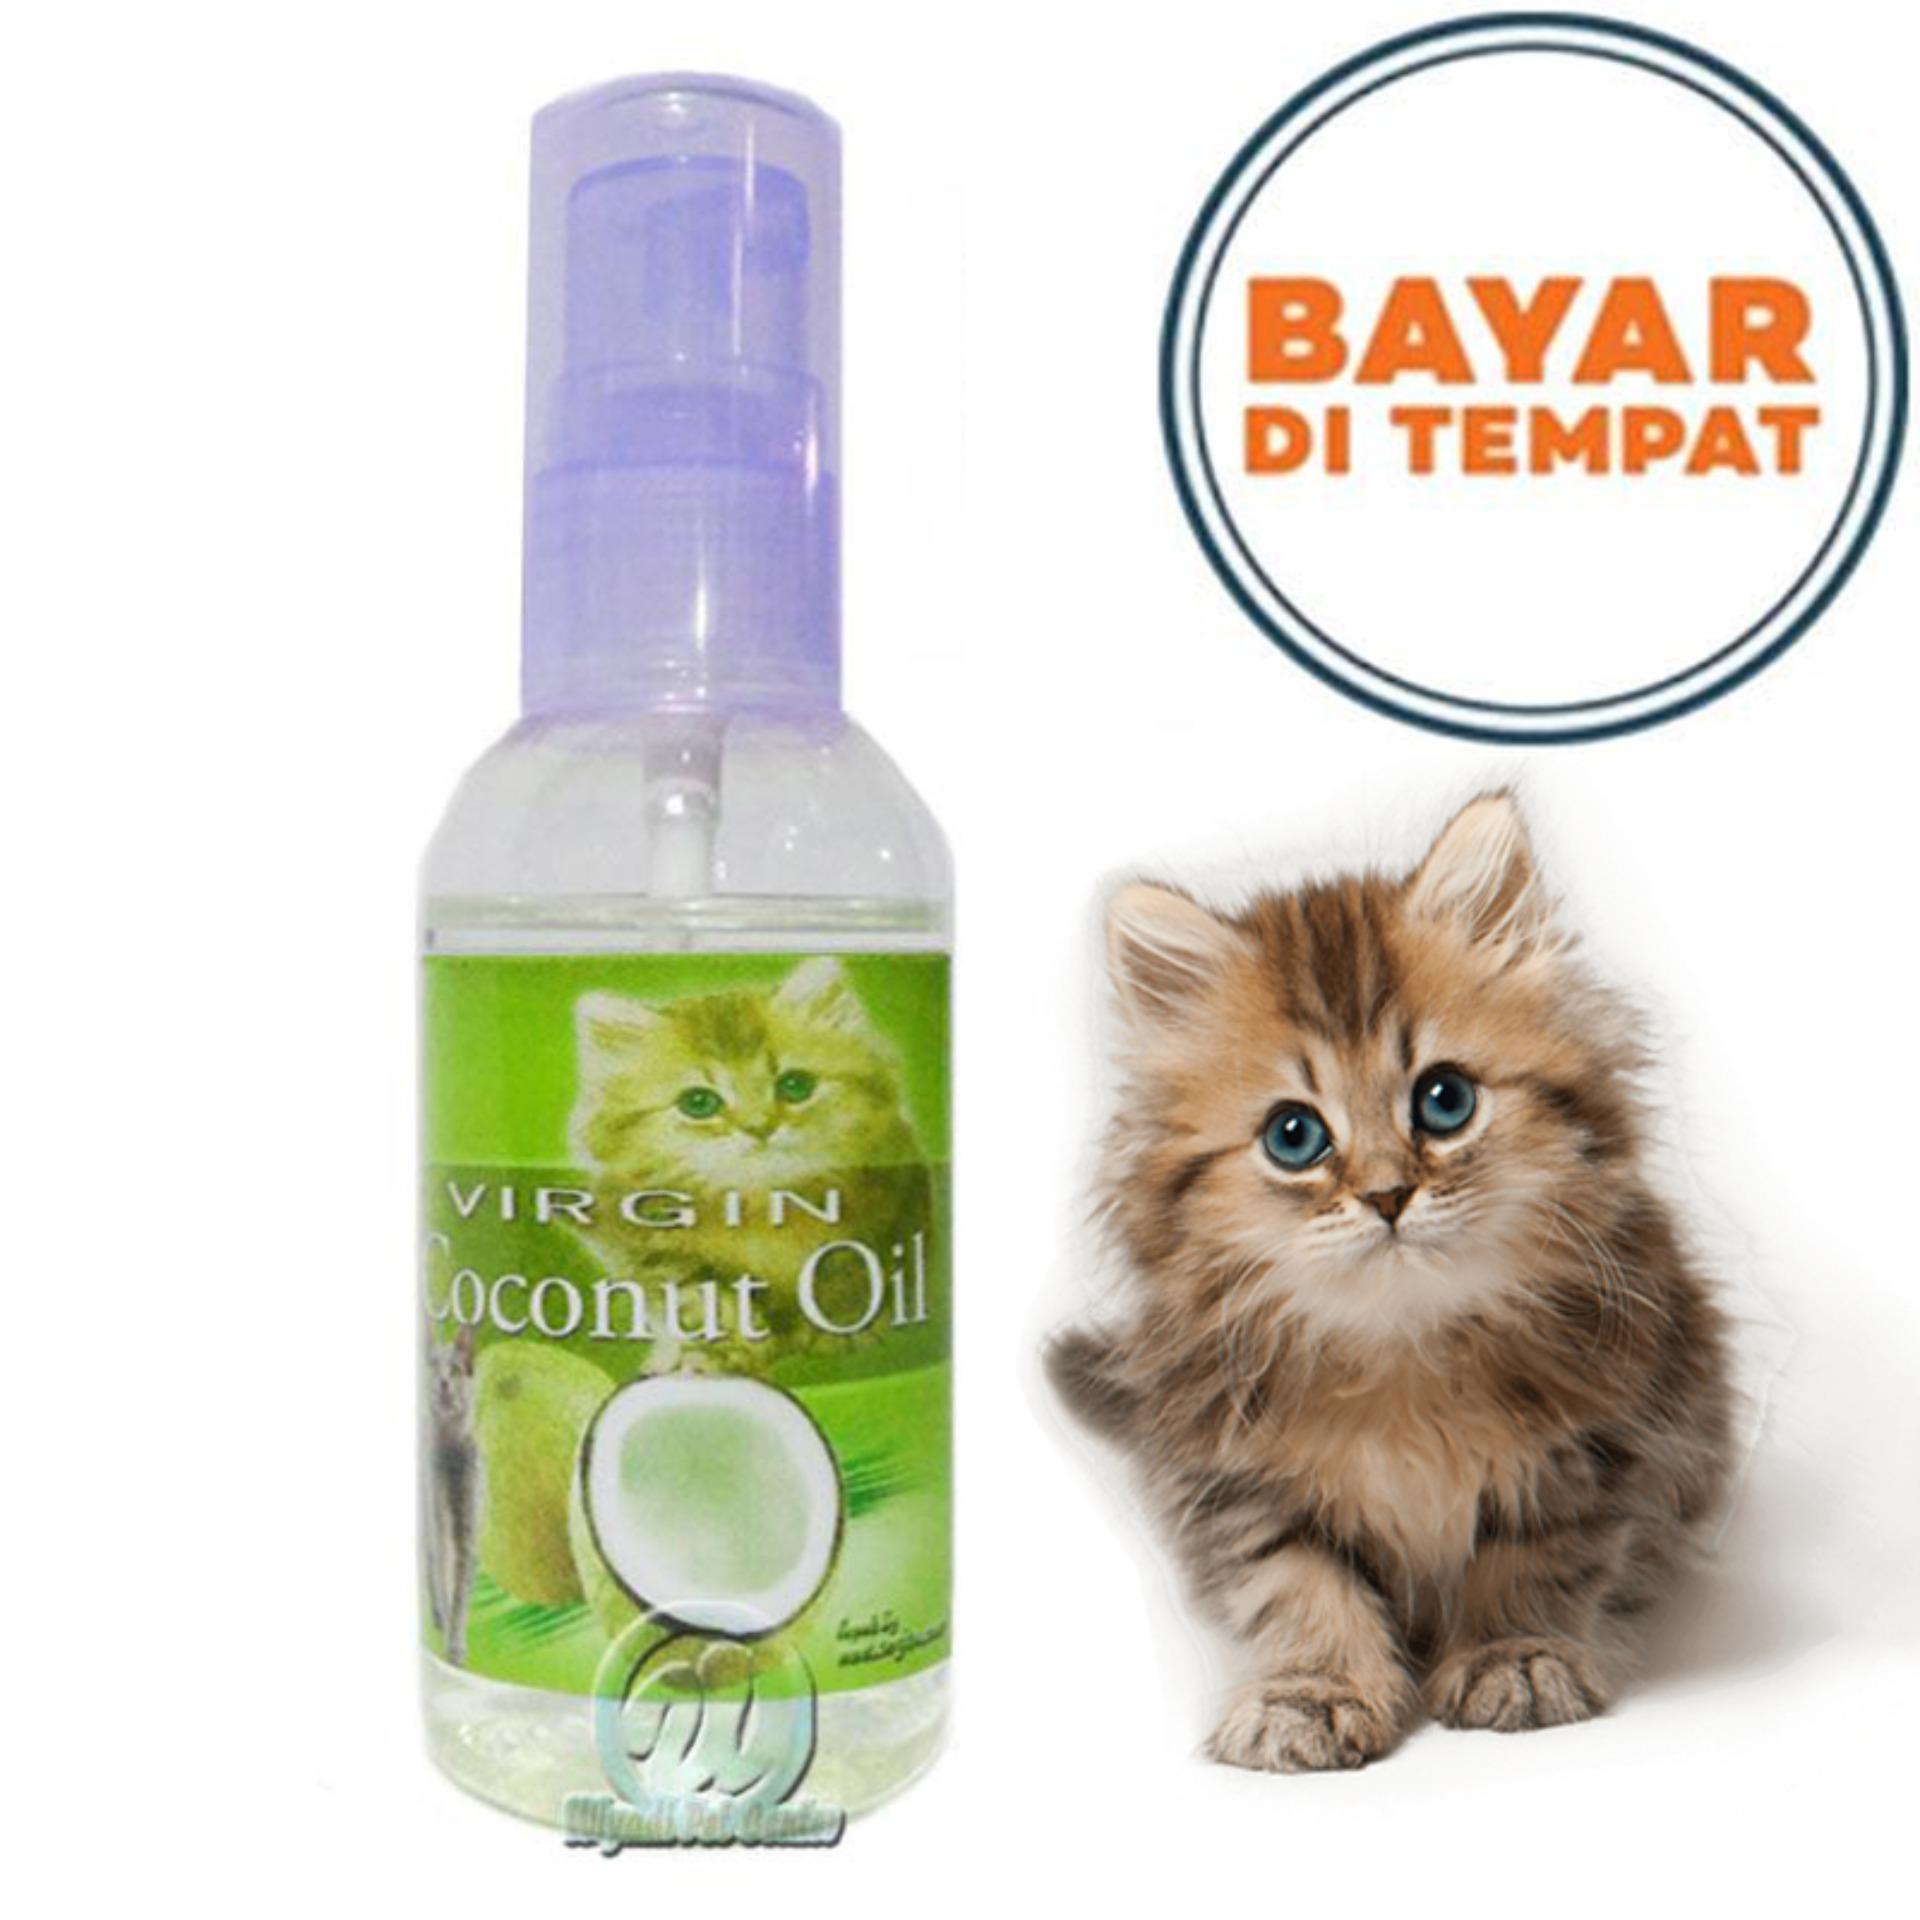 Obat Cacing Kucing Jamur Diare Kitten Penumbuh Bulu Hewan Herbal Vco By Lucky Petshop.